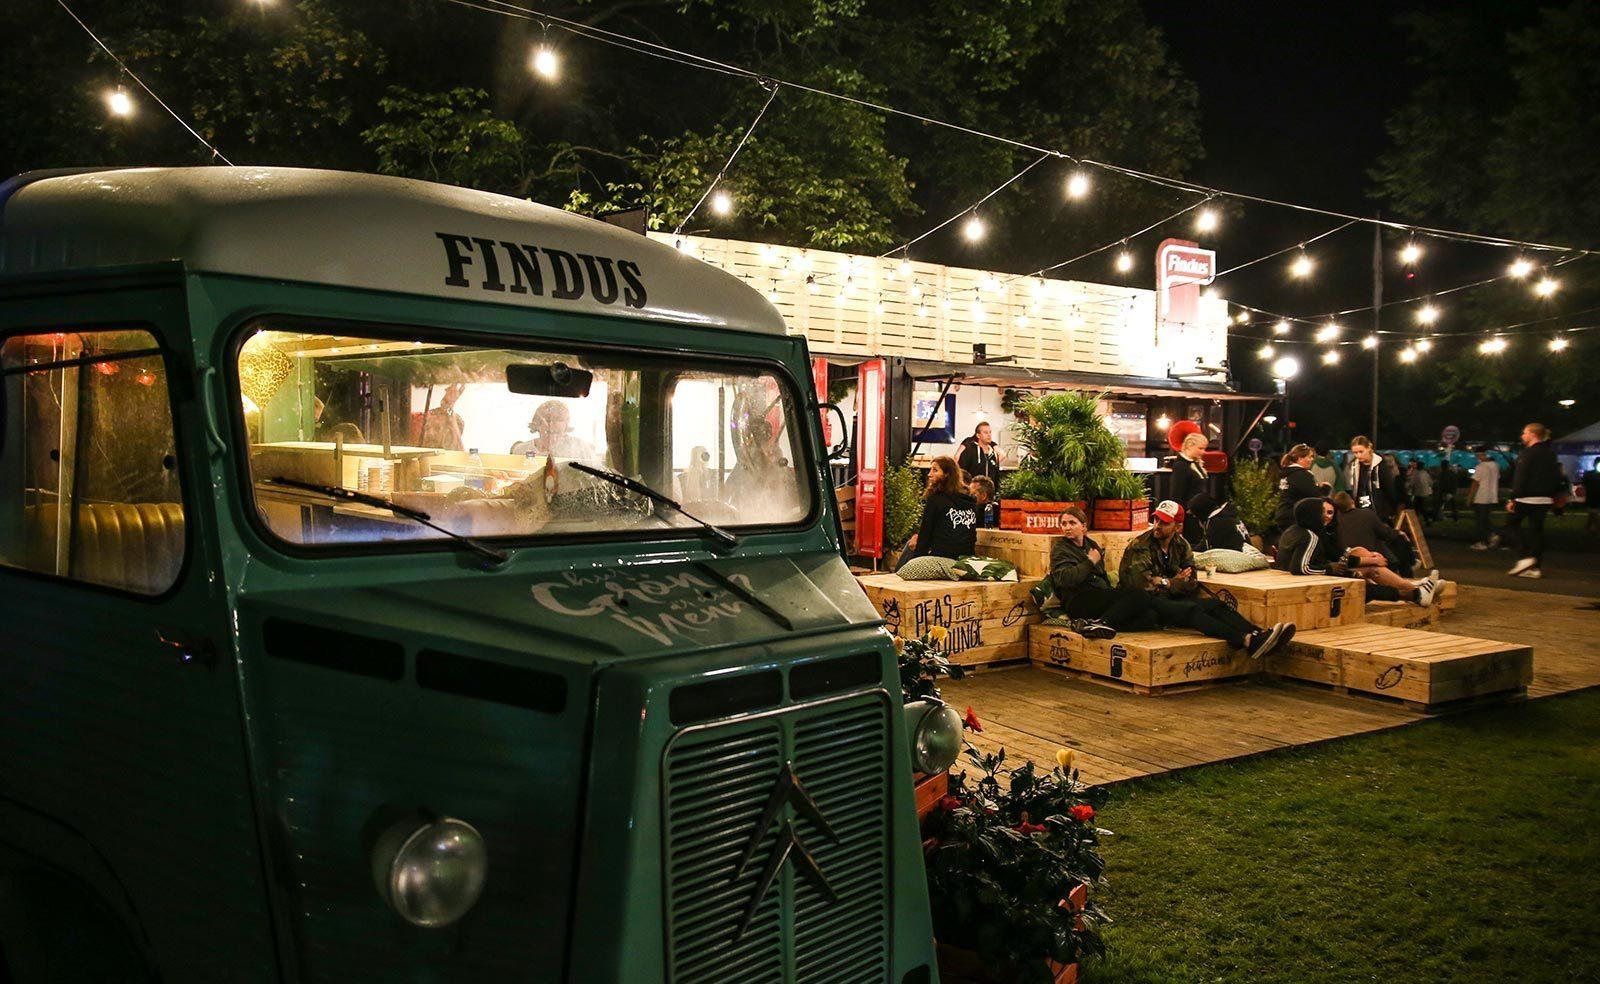 Findus - Way Out West - Foodtruck på natten